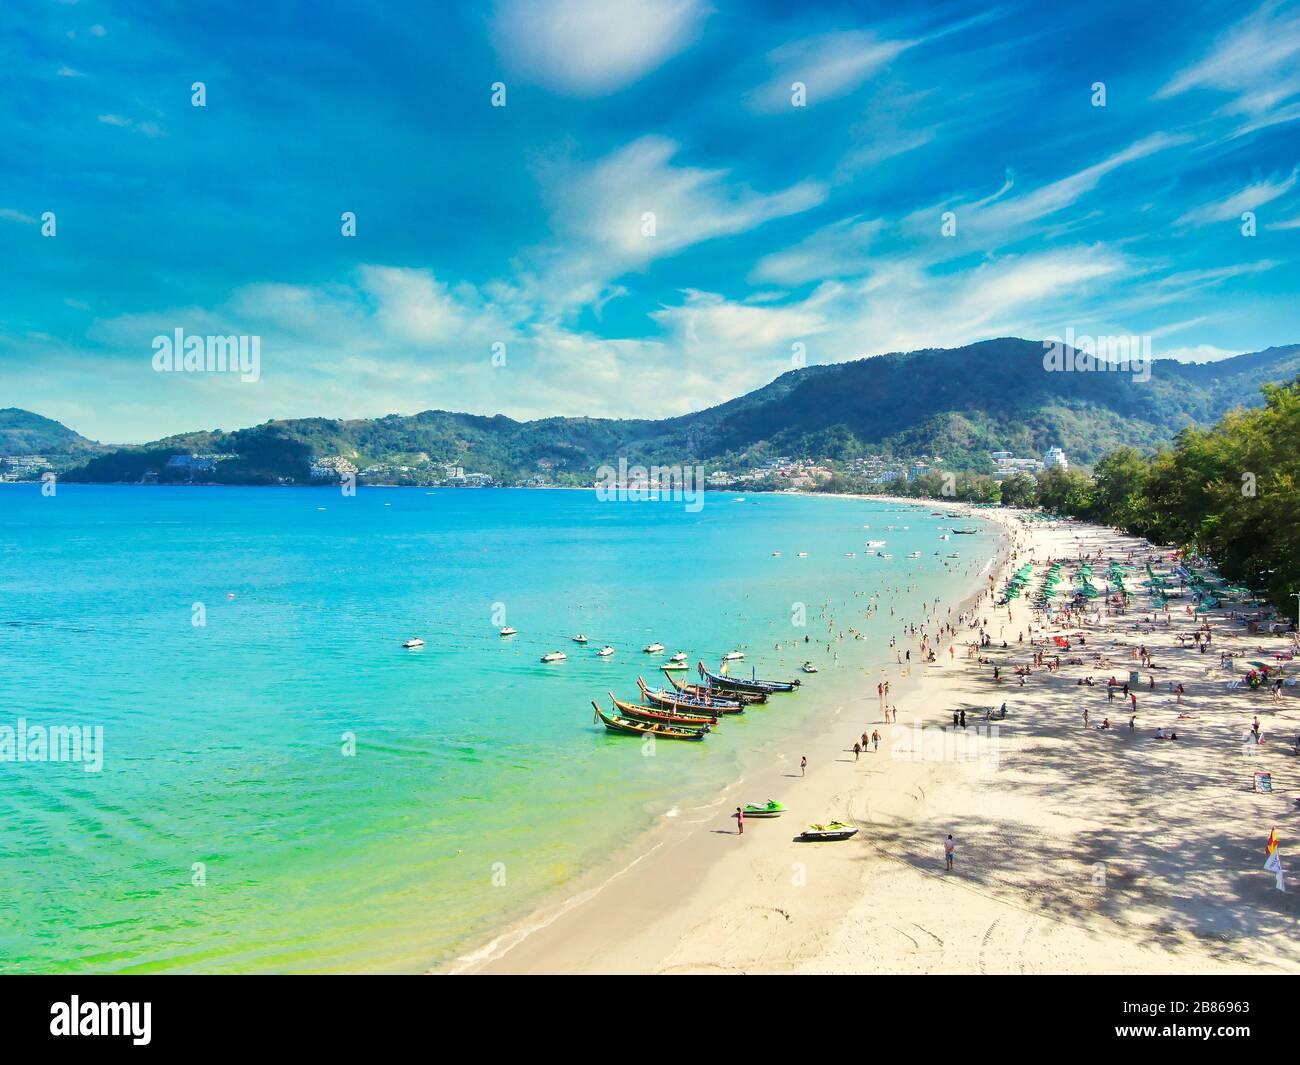 Vue aérienne avec le drone. Touristes à la plage de Patong sur l'île de Phuket, Thaïlande. Magnifique paysage Hat Patong Beach. Banque D'Images